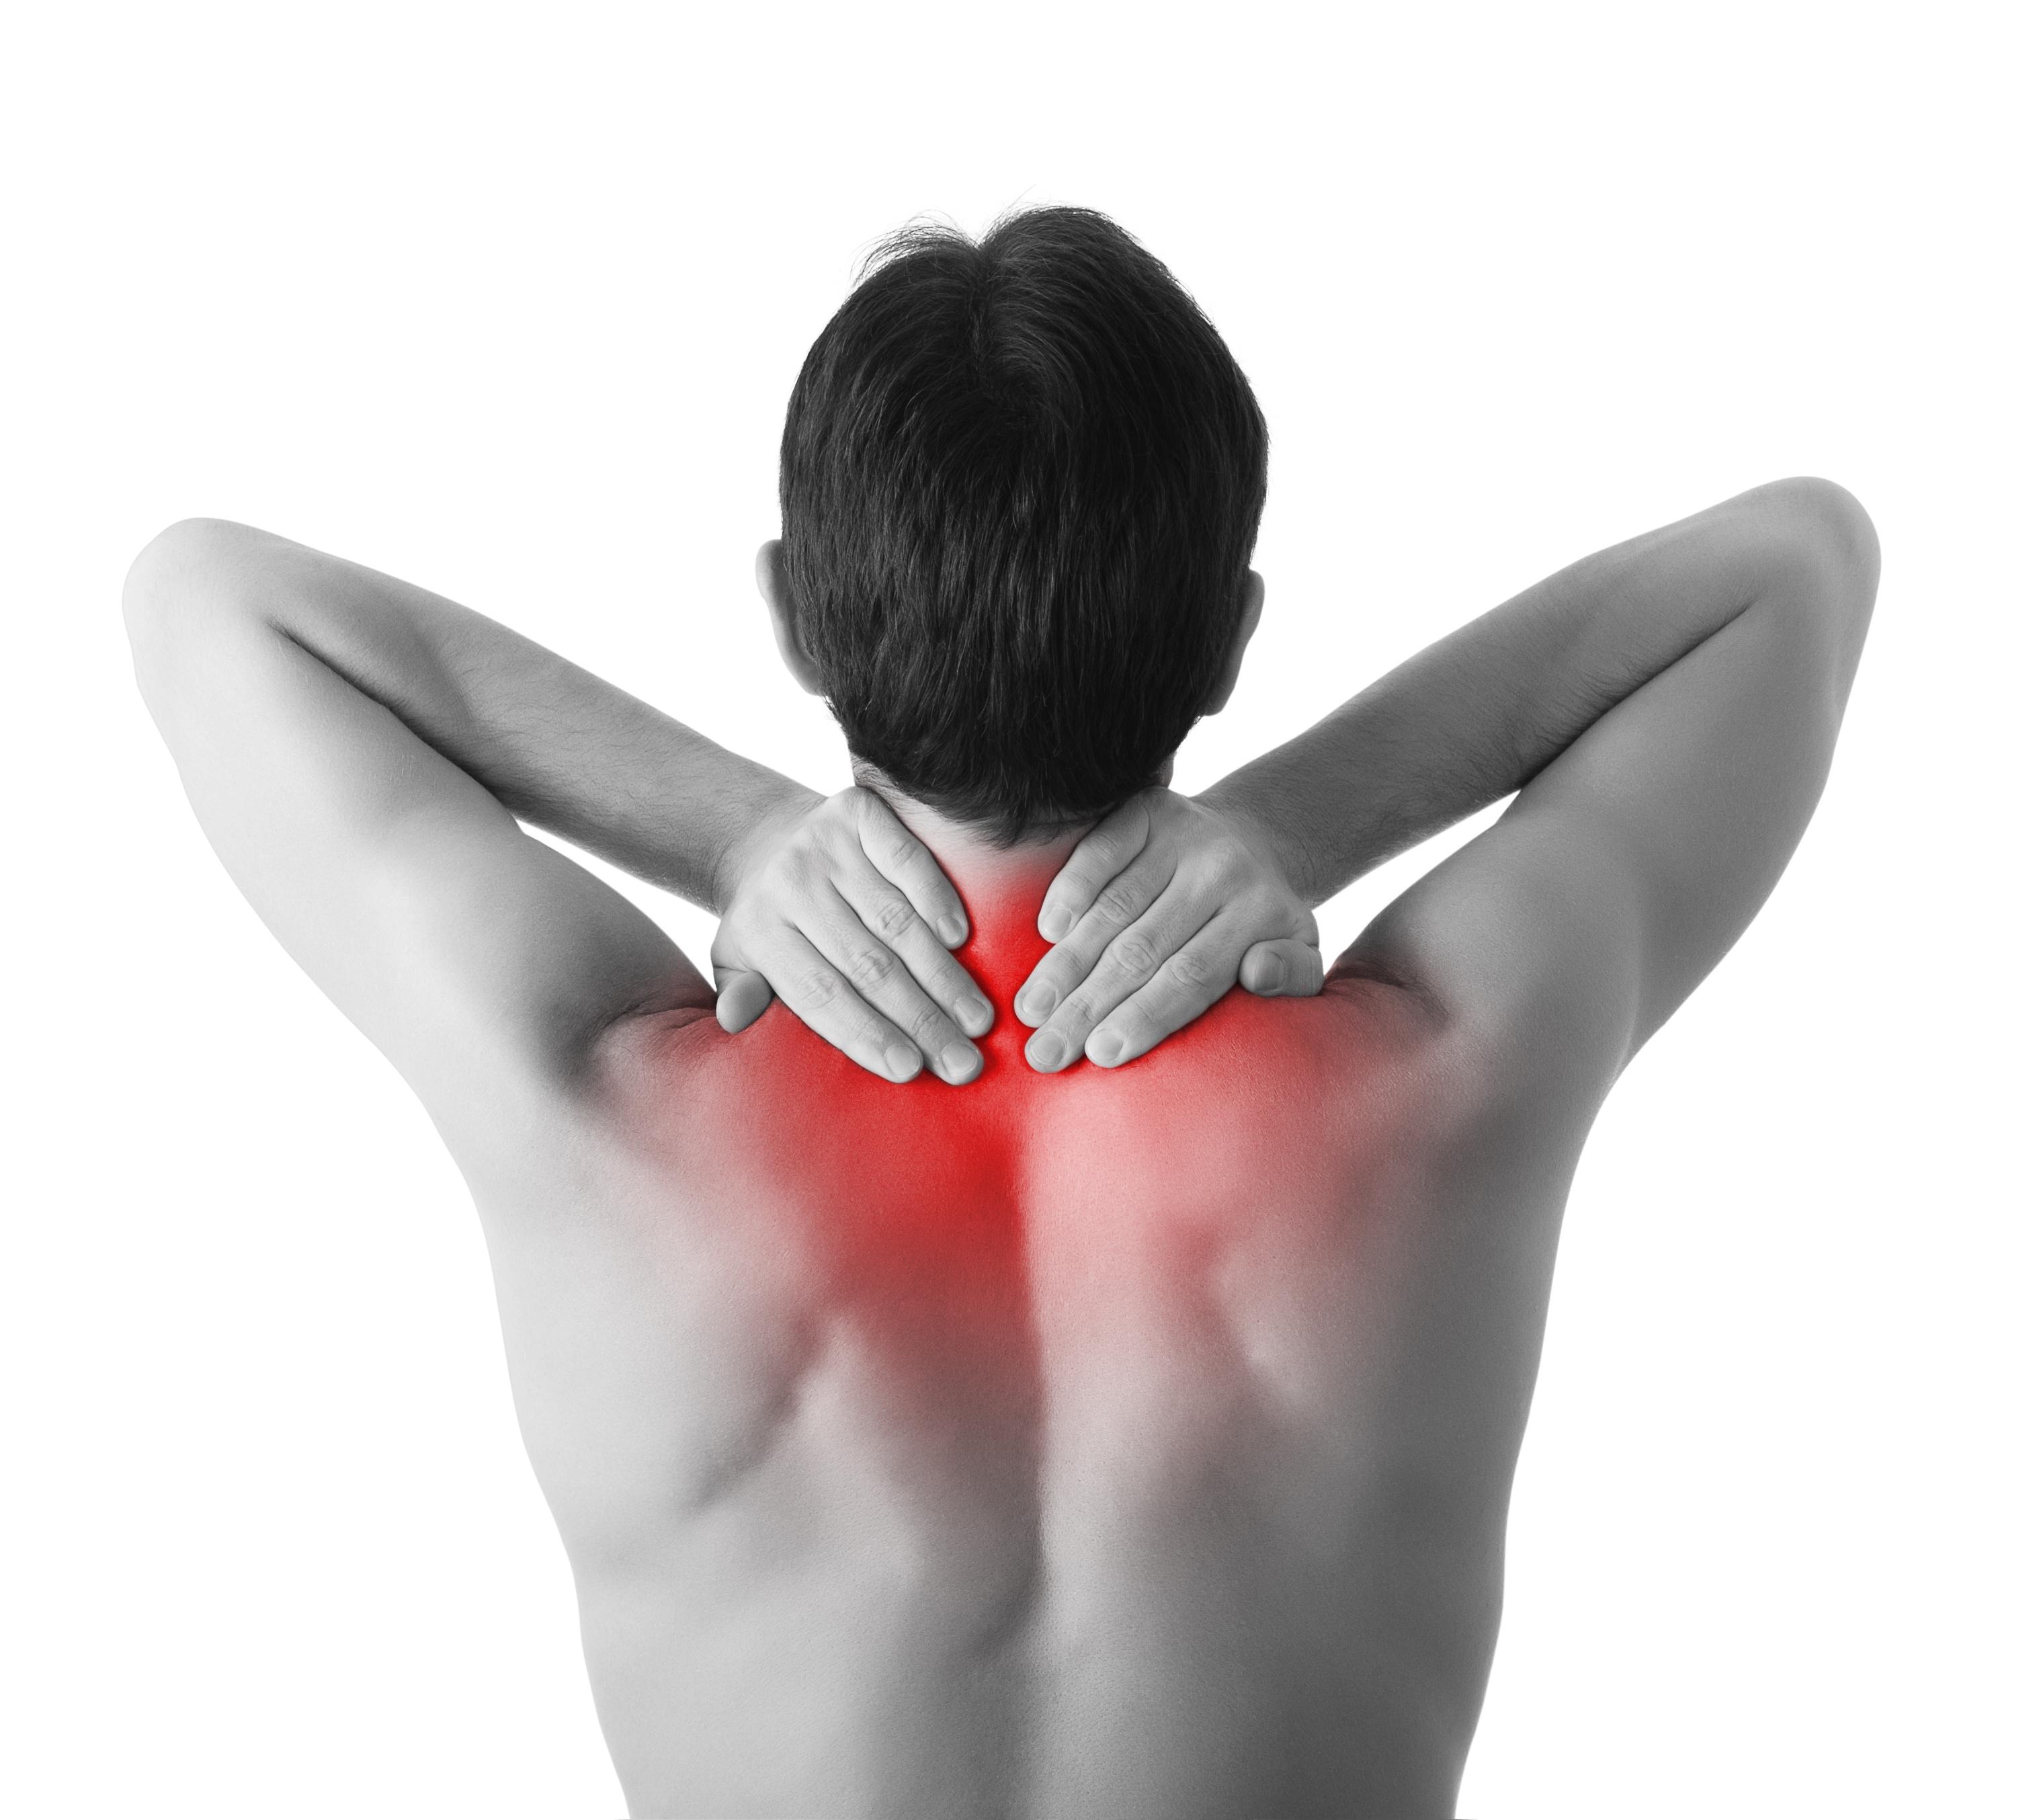 Milyen gerincbetegségek a leggyakoribbak és hogyan történik a kezelés? - Homorú-domború lencse July